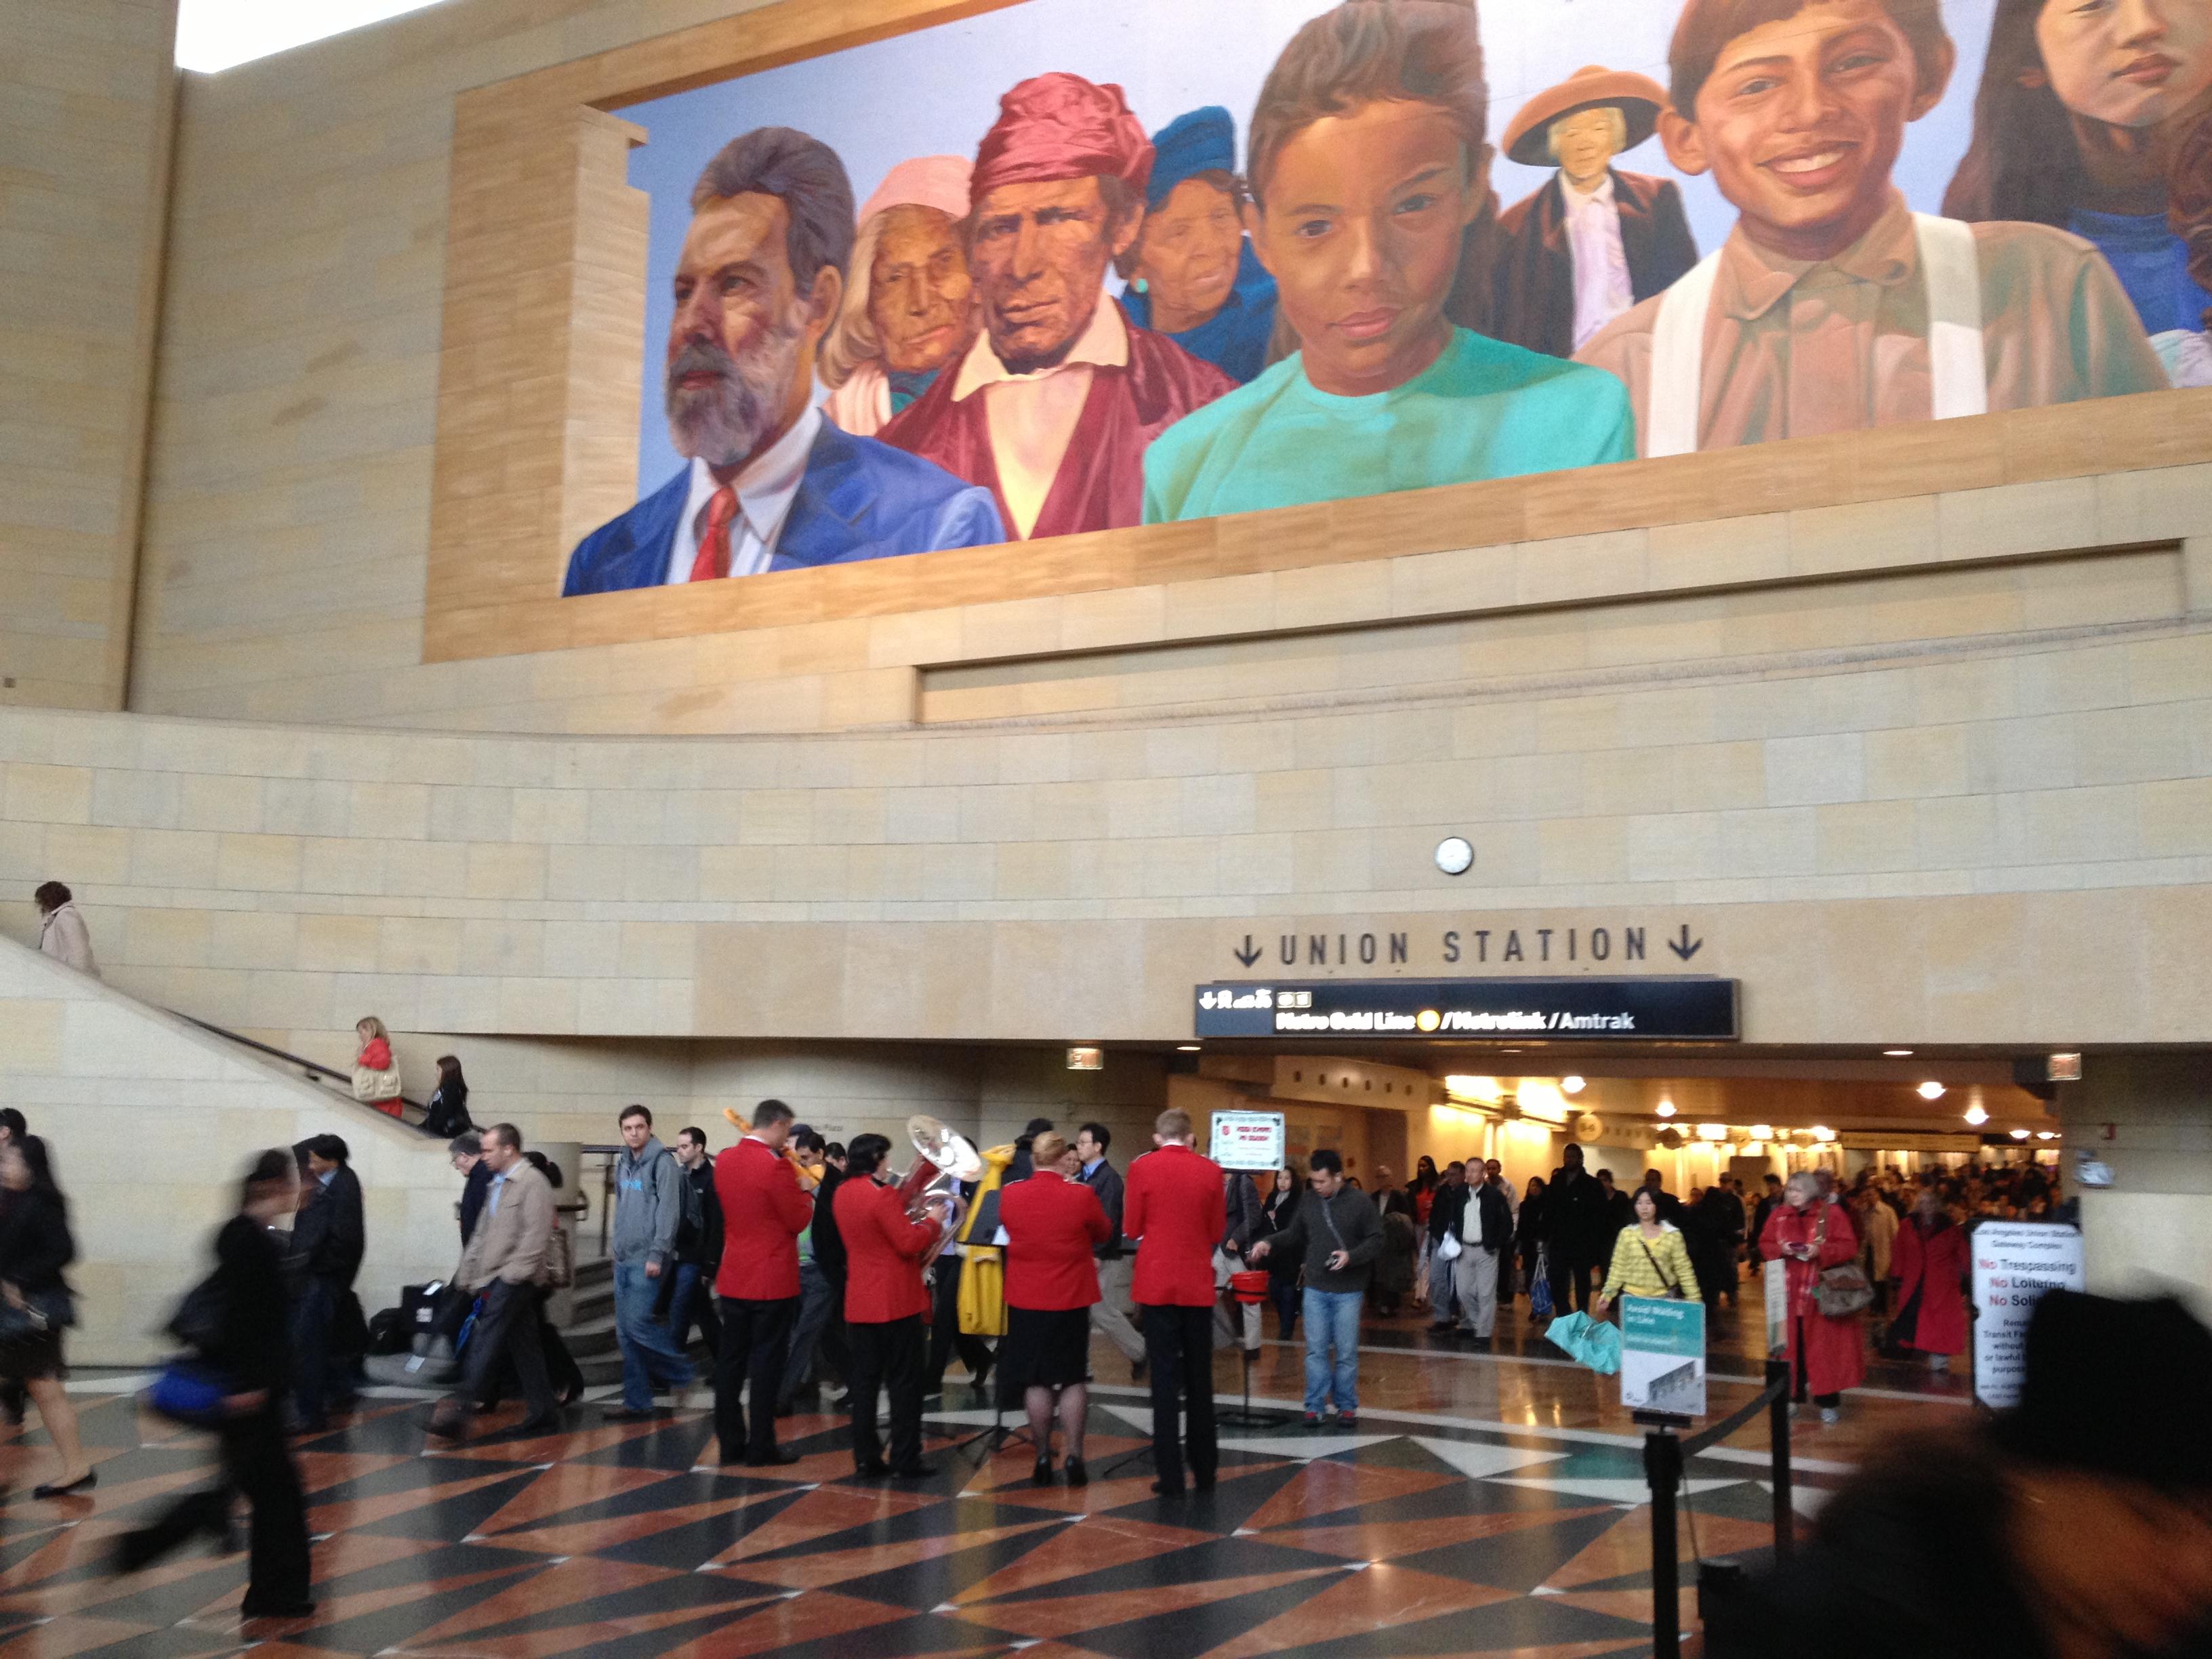 Los integrantes de la banda musical del Salvation Army en el Portal Este de Union Station. (Foto José Ubaldo/El Pasajero).